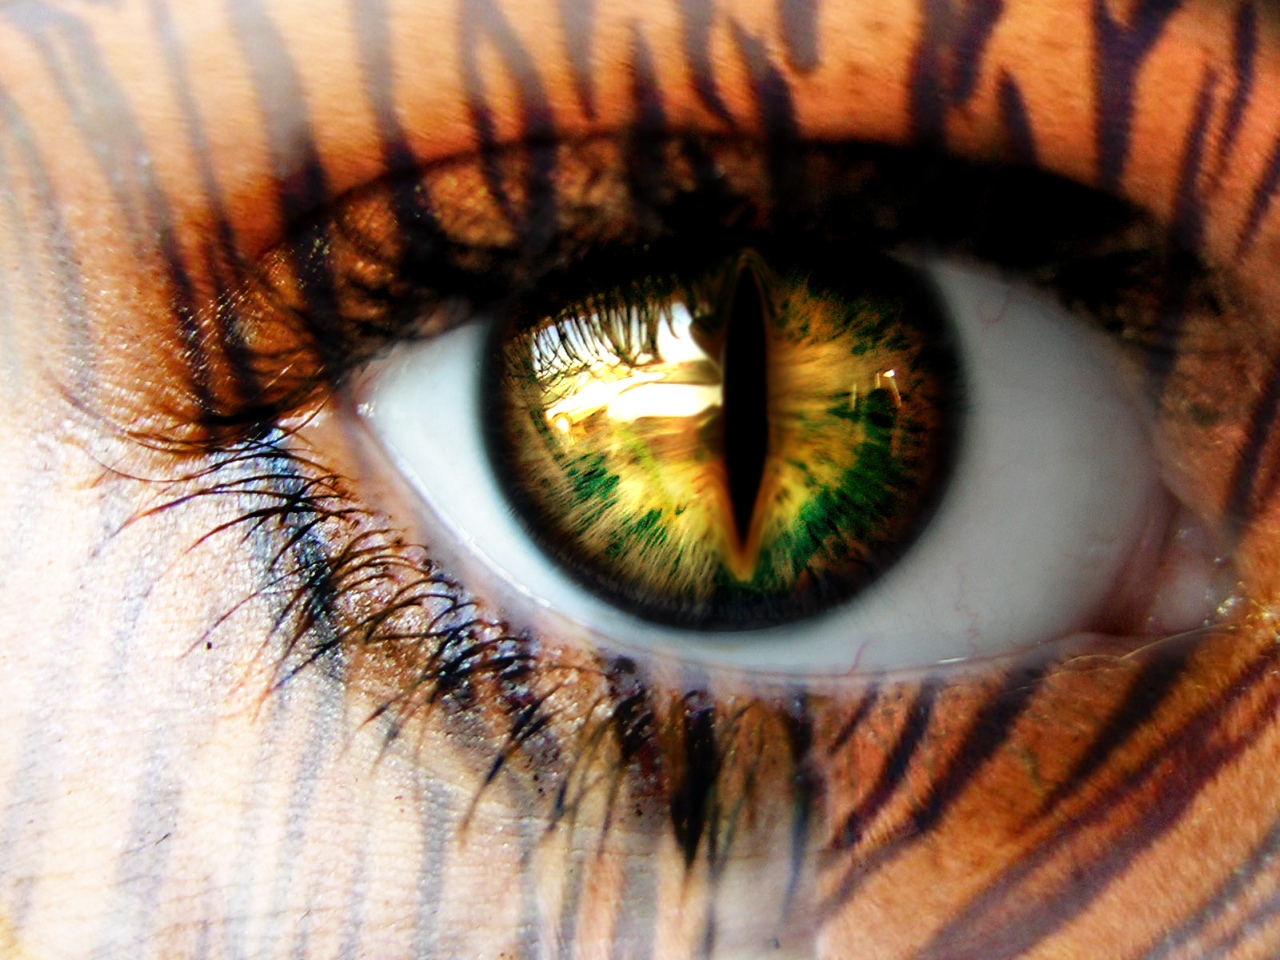 http://1.bp.blogspot.com/-s5zRLsdWMAY/T5T4T4L9QnI/AAAAAAAAF2Q/KtV-pXeV1a0/s1600/female-tiger-eye-wallpaper.jpg